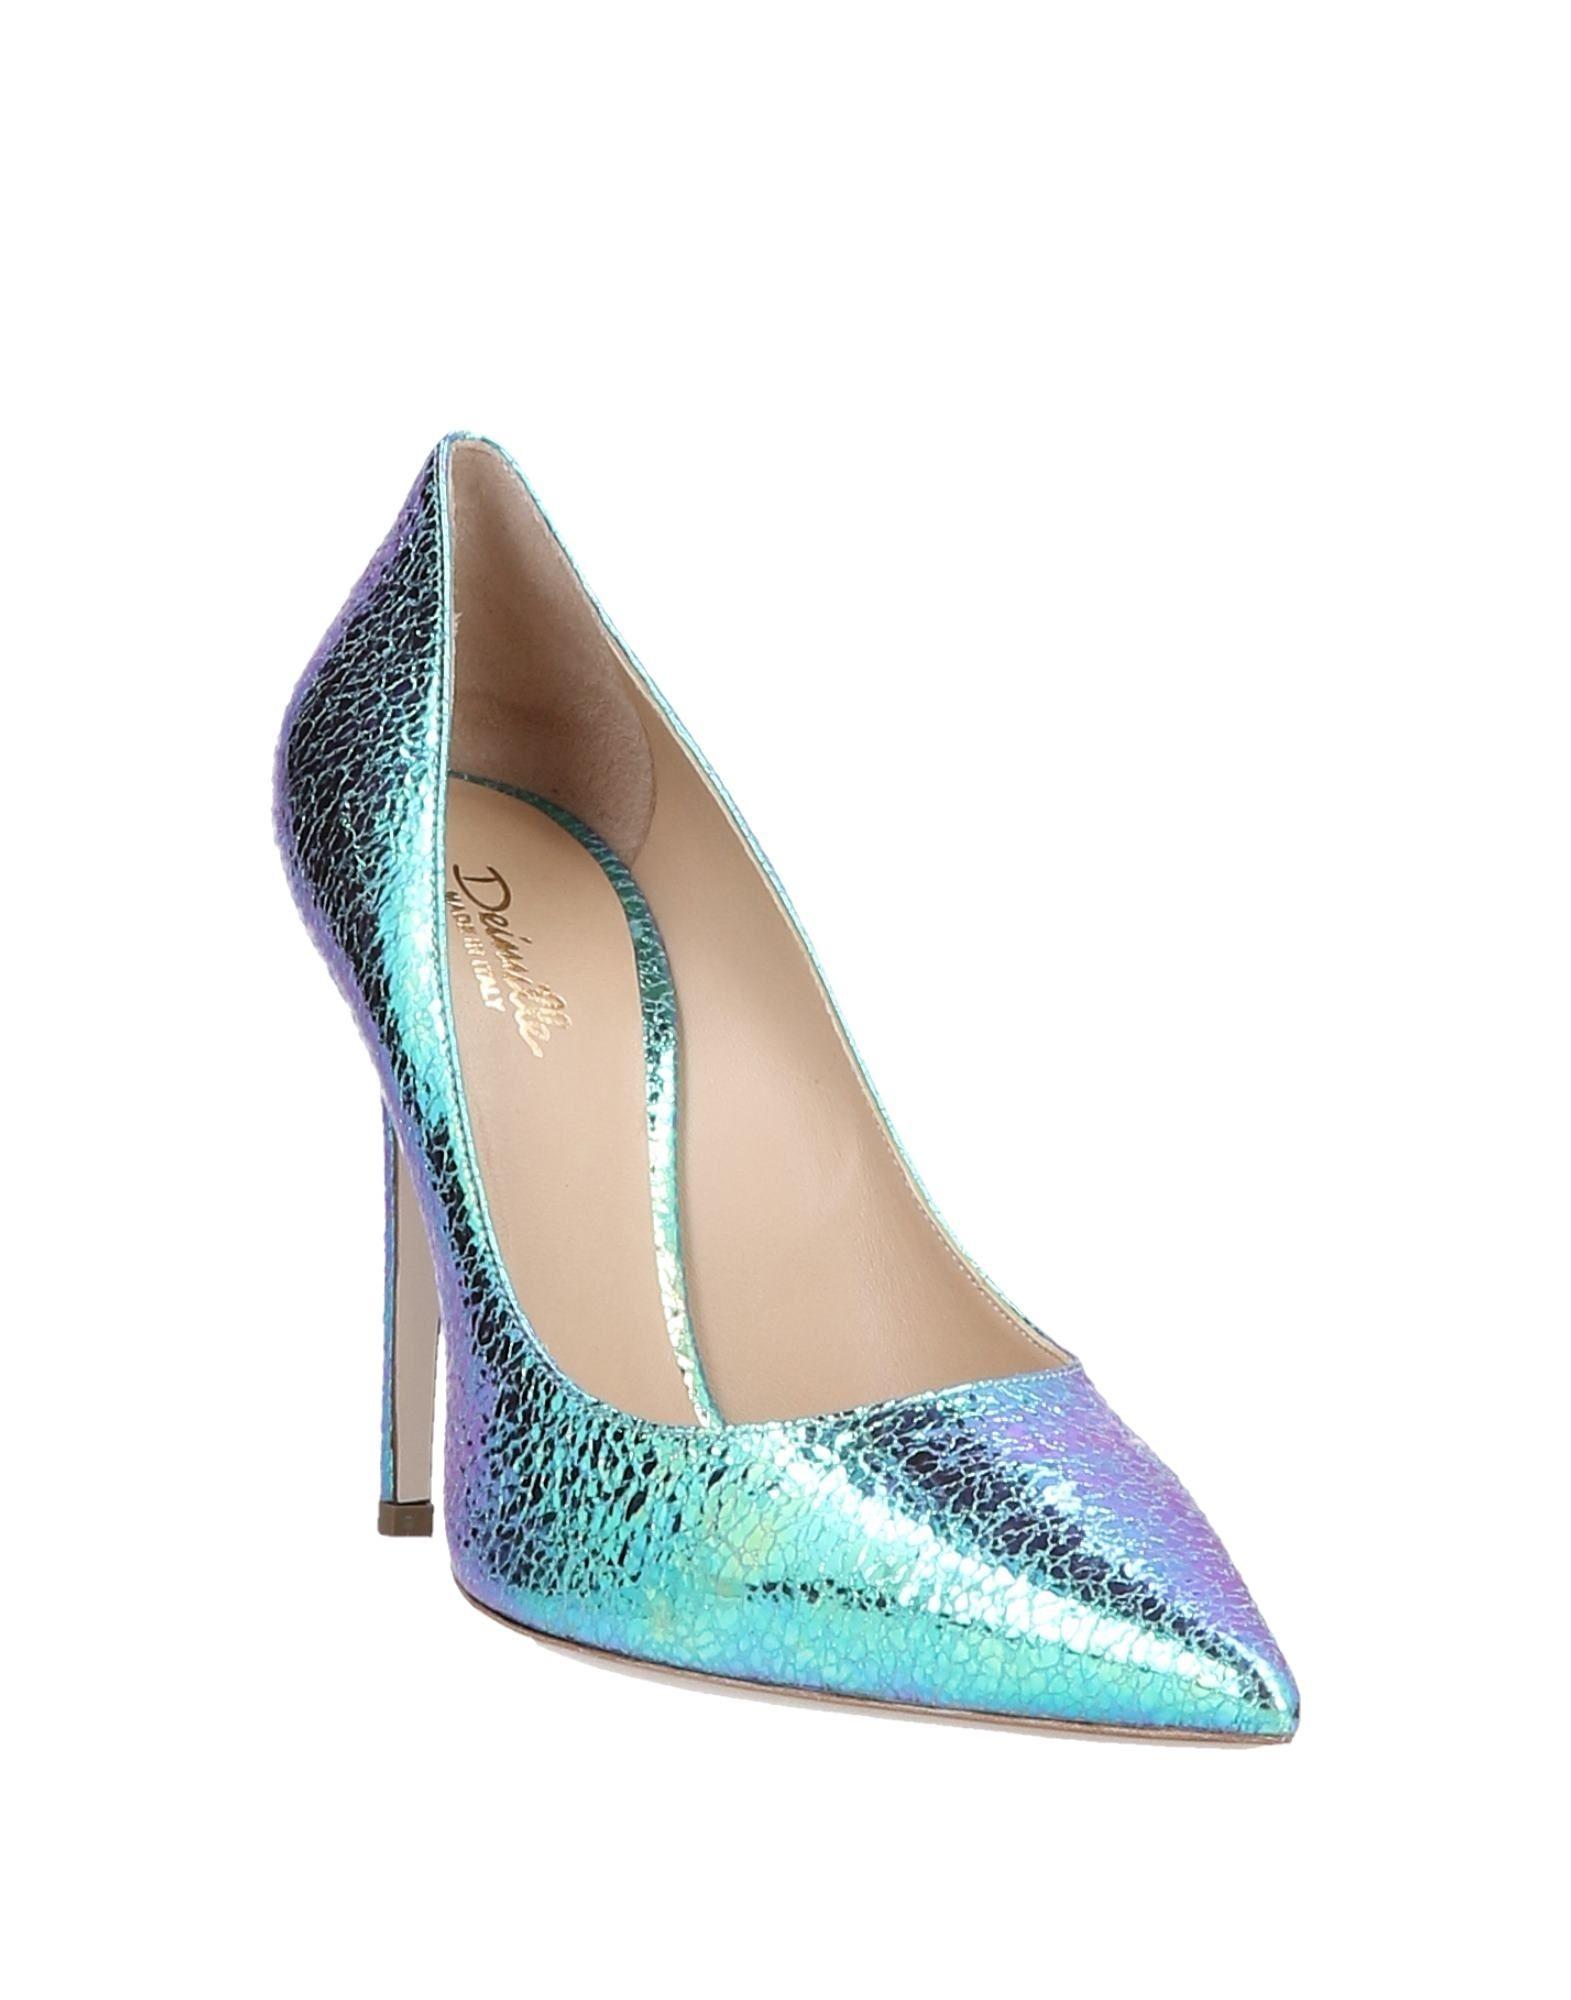 Stilvolle Damen billige Schuhe Deimille Pumps Damen Stilvolle  11552491AS b7f6c1